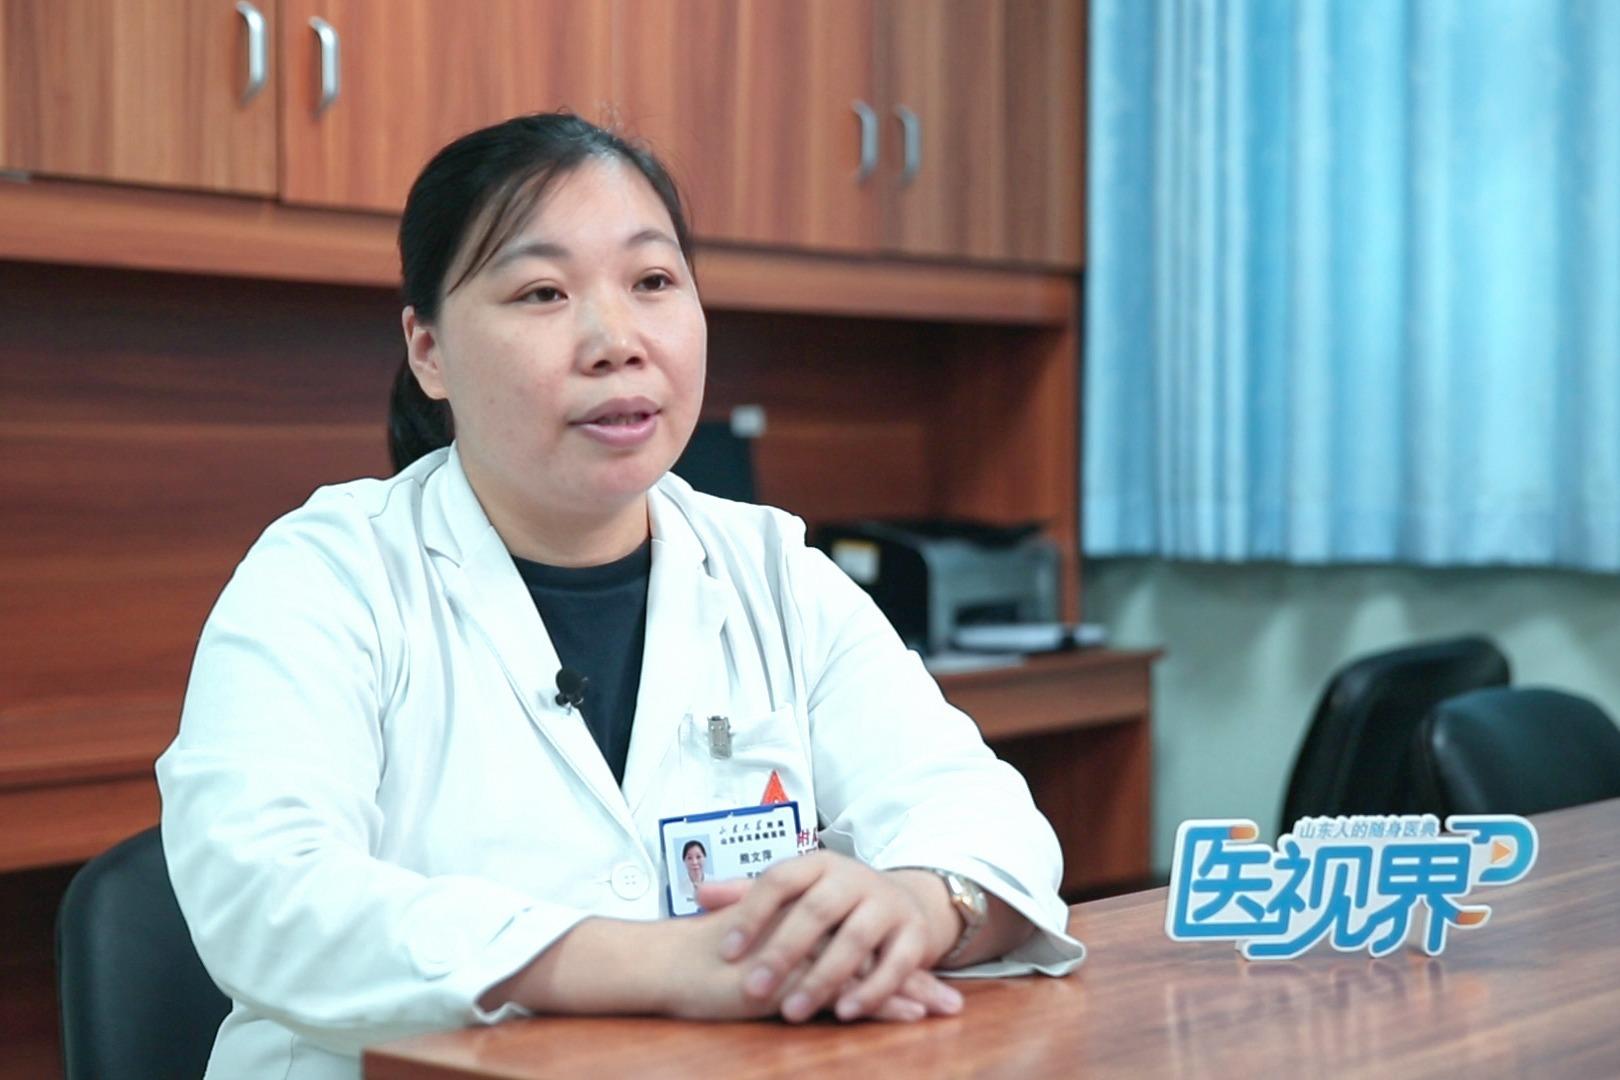 医视界|生活中常见的引起耳鸣耳聋的原因有哪些?